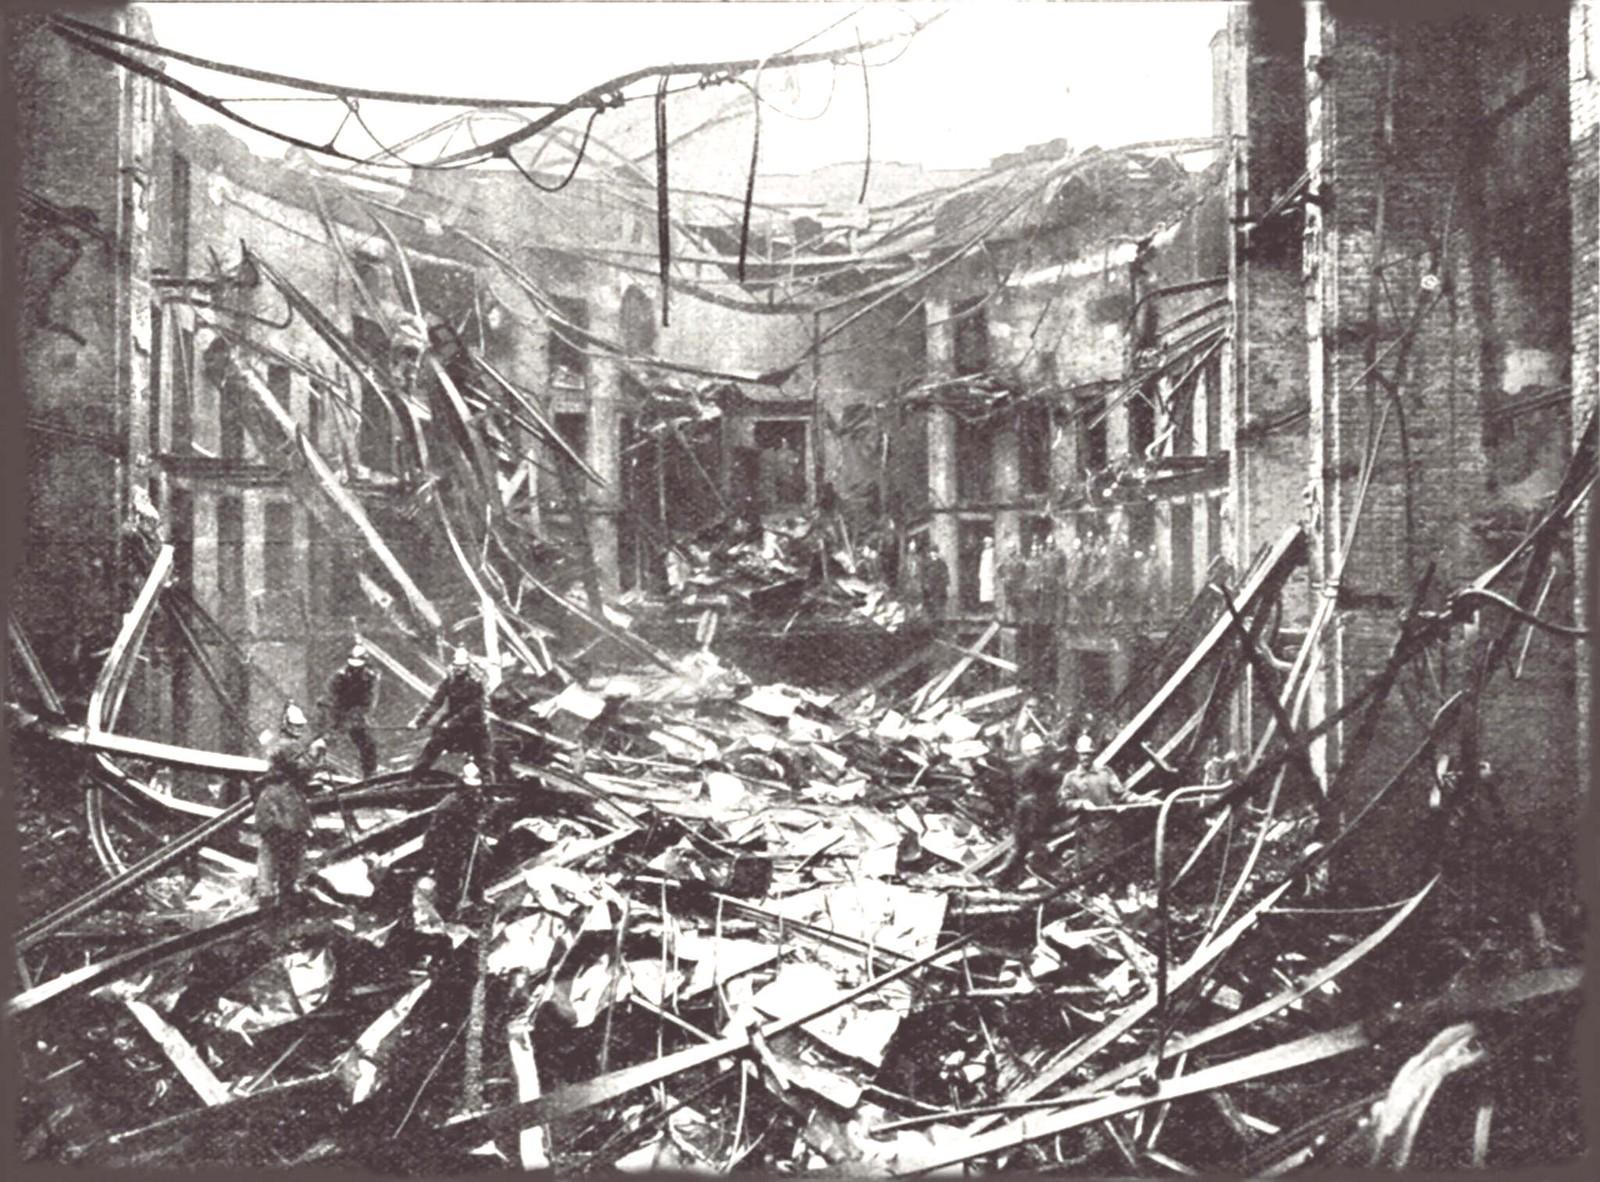 1901. Вид на разрушенный зрительный зал Суворинского (Малого) театра после пожара 20 августа